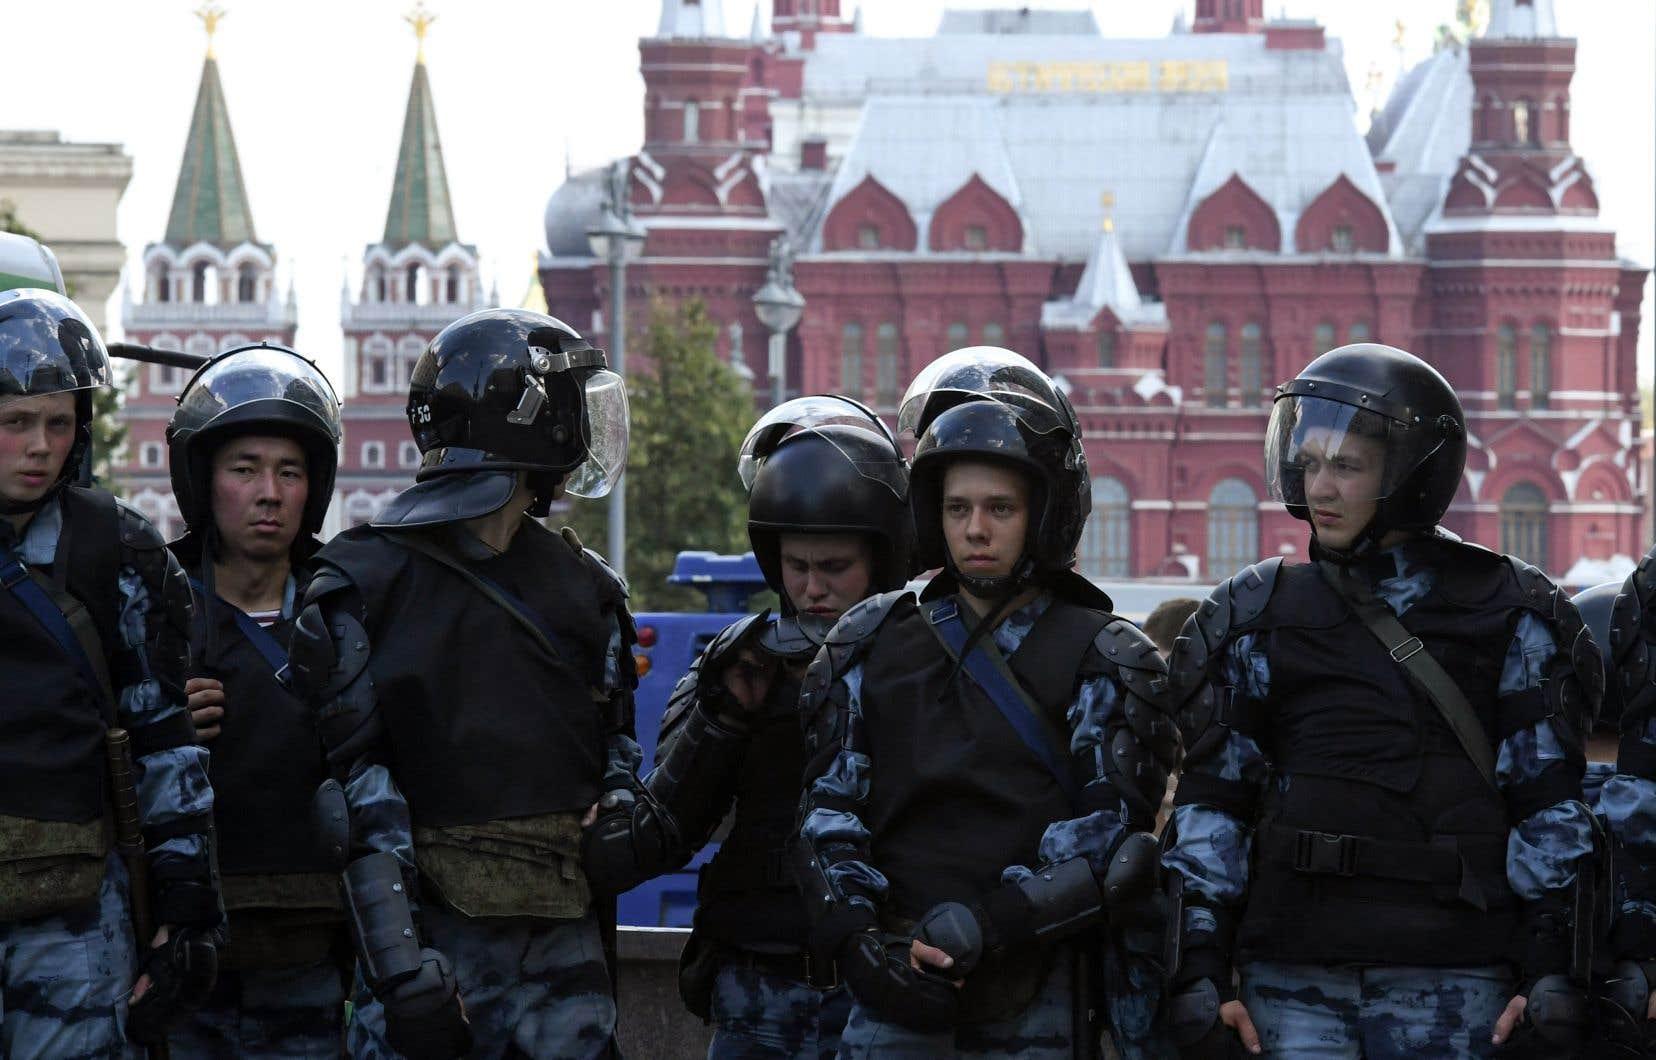 La manifestation de samediavait été fermement réprimée par la police et semble démontrer la détermination des autorités à tuer dans l'oeuf tout mouvement de contestation lié aux élections locales du 8septembre.